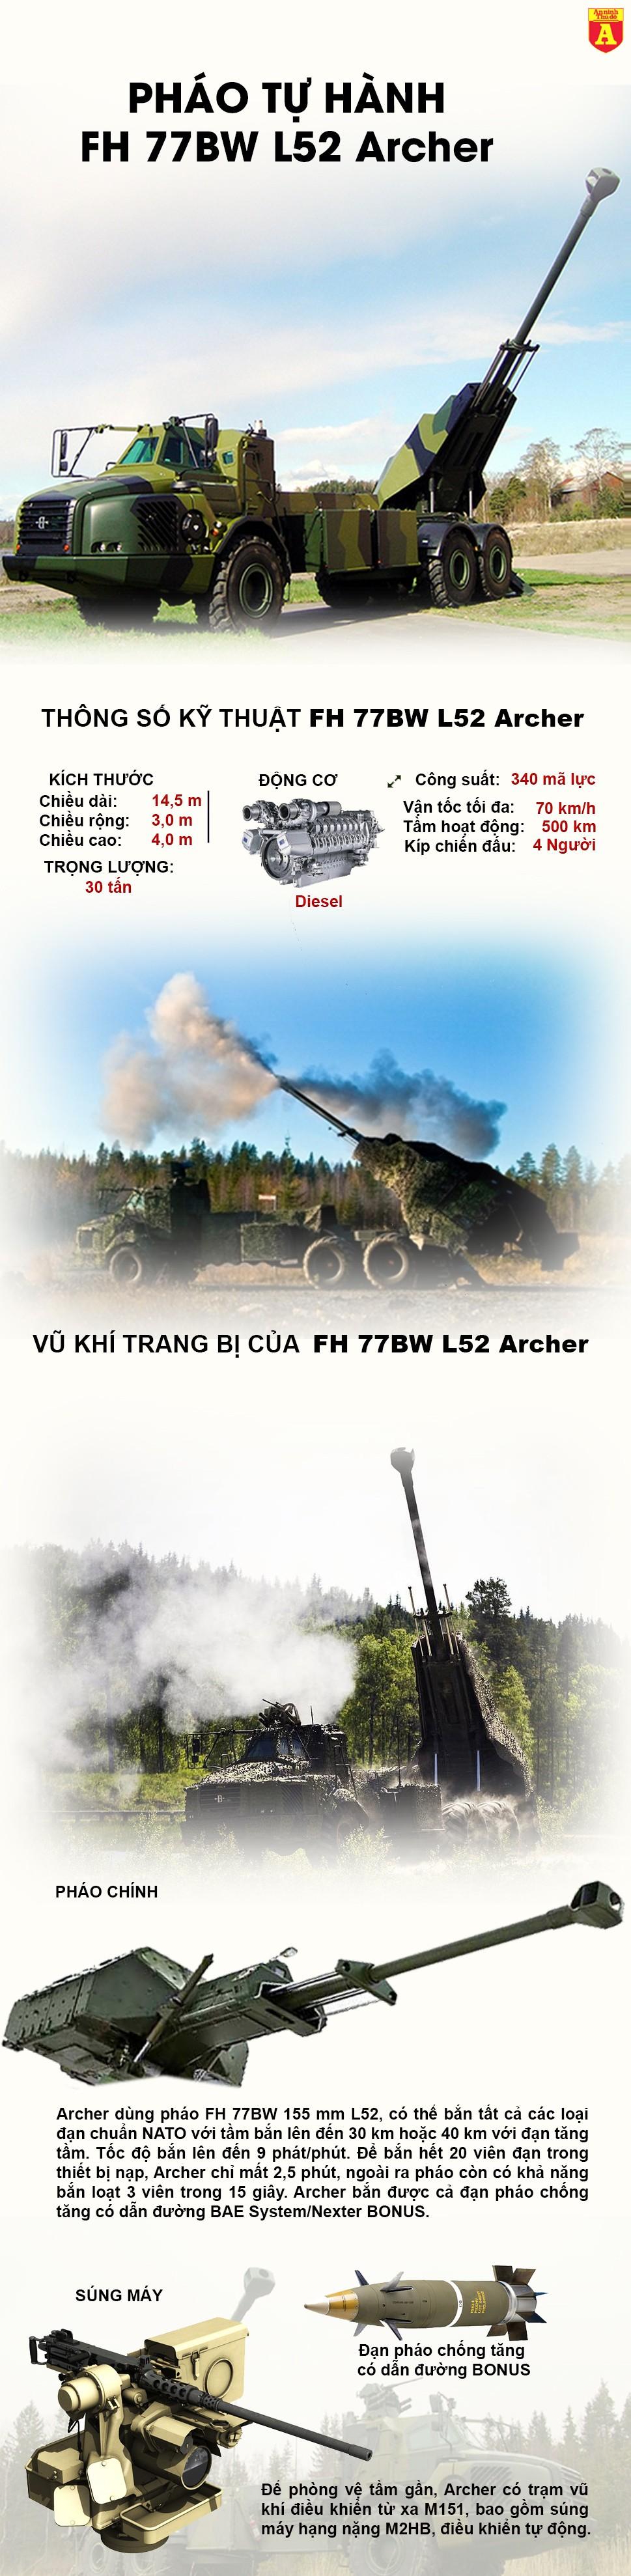 [Infographic] Pháo tự hành bánh lốp Bắc Âu hiện đại vượt qua cả Nga và Mỹ ảnh 2